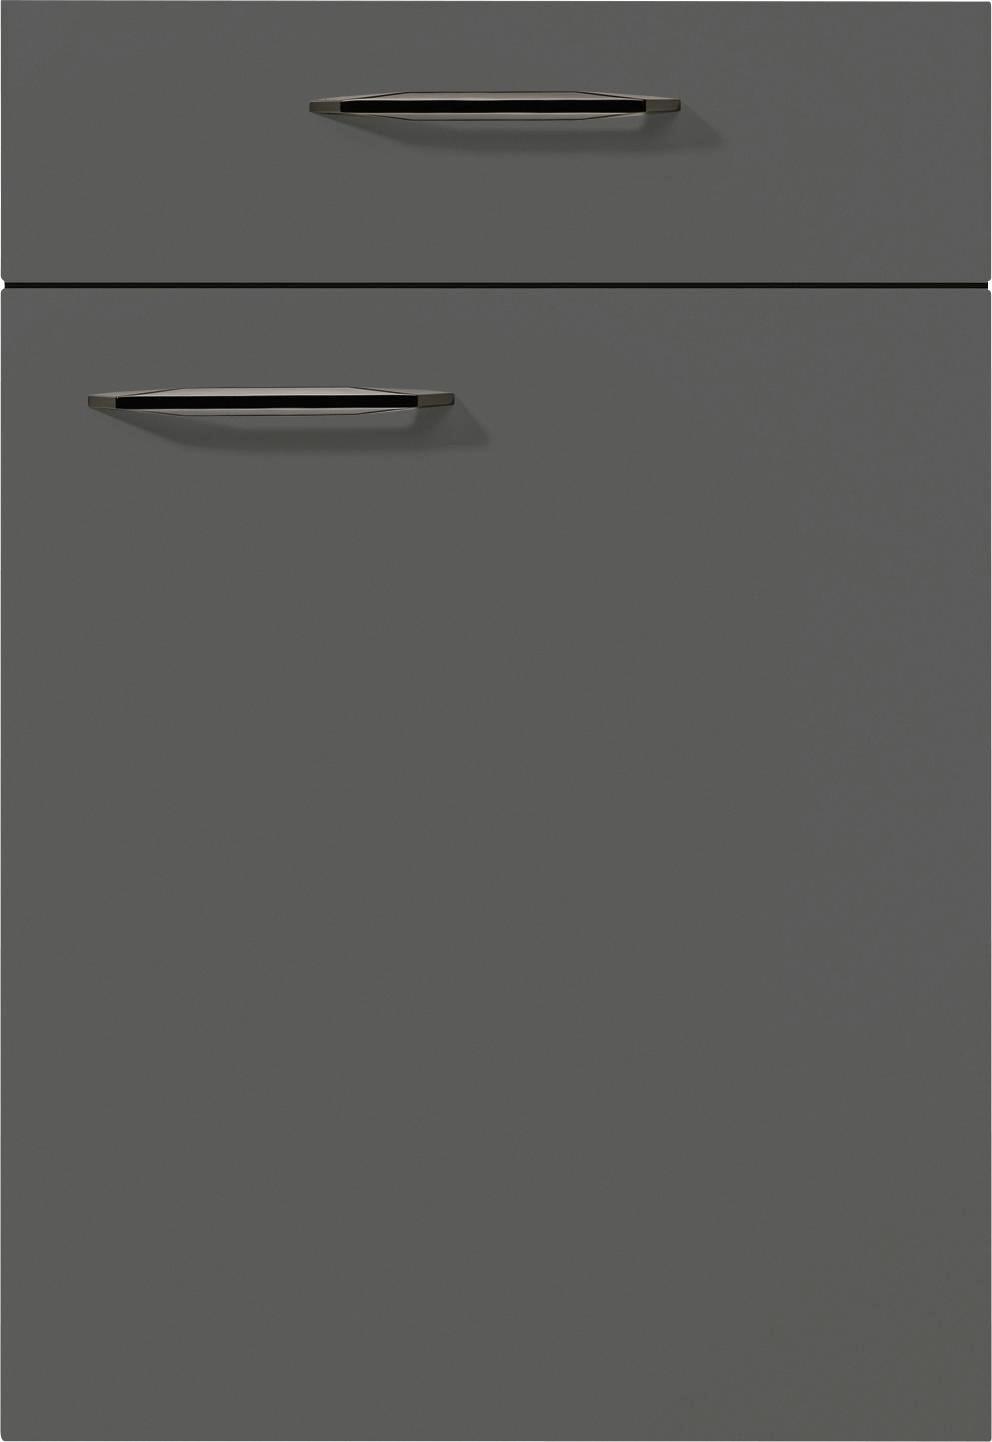 Großzügig Frei Küchendesign Mac Software Galerie - Ideen Für Die ...